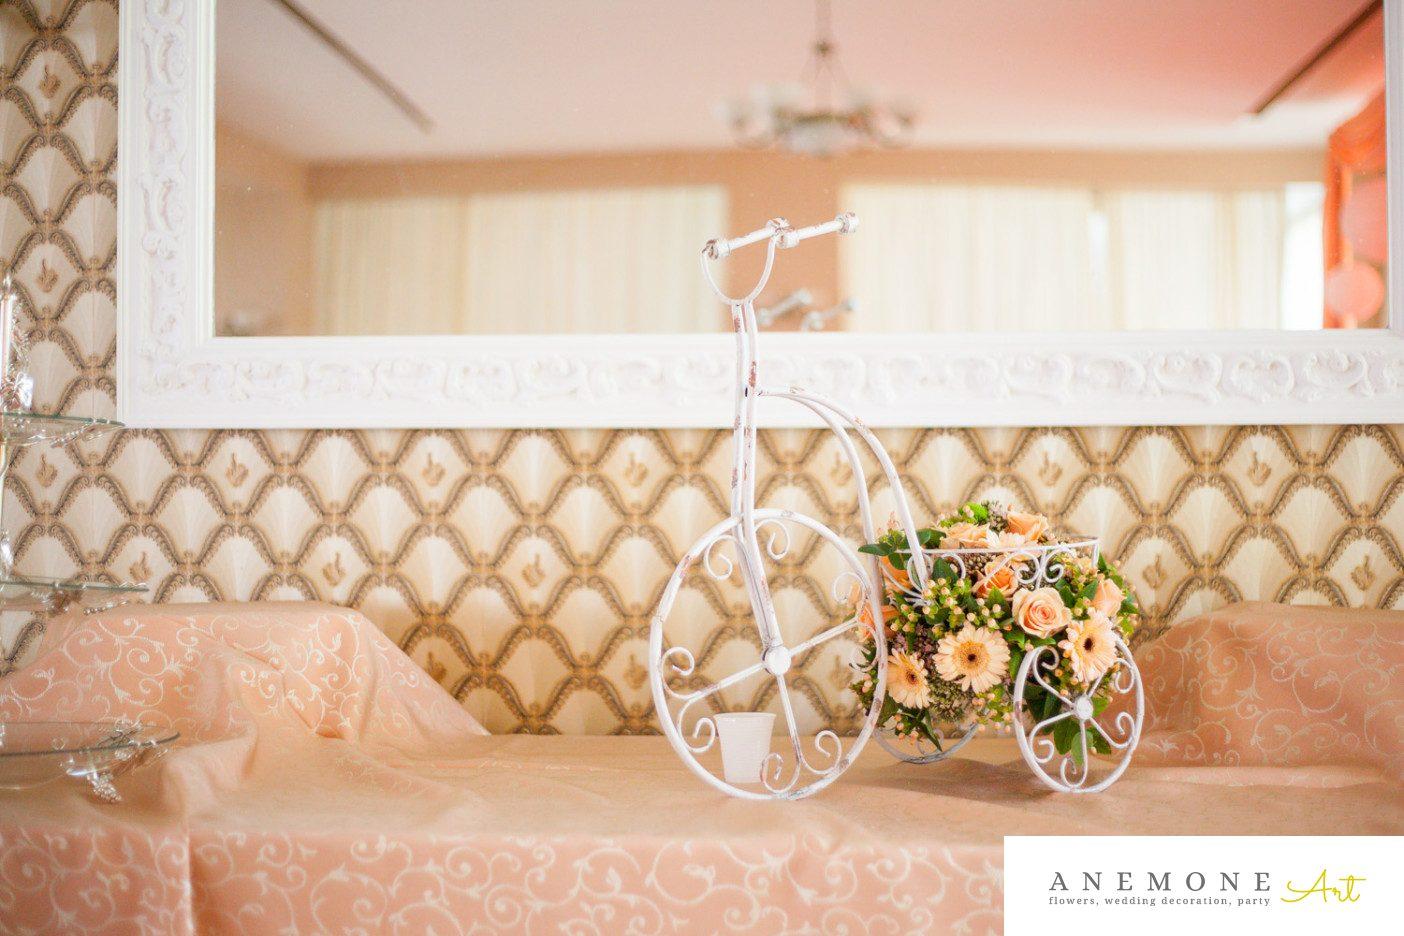 Poza, foto cu Flori de nunta bicicleta, decor sala, piersica in Arad, Timisoara, Oradea (wedding flowers, bouquets) nunta Arad, Timisoara, Oradea